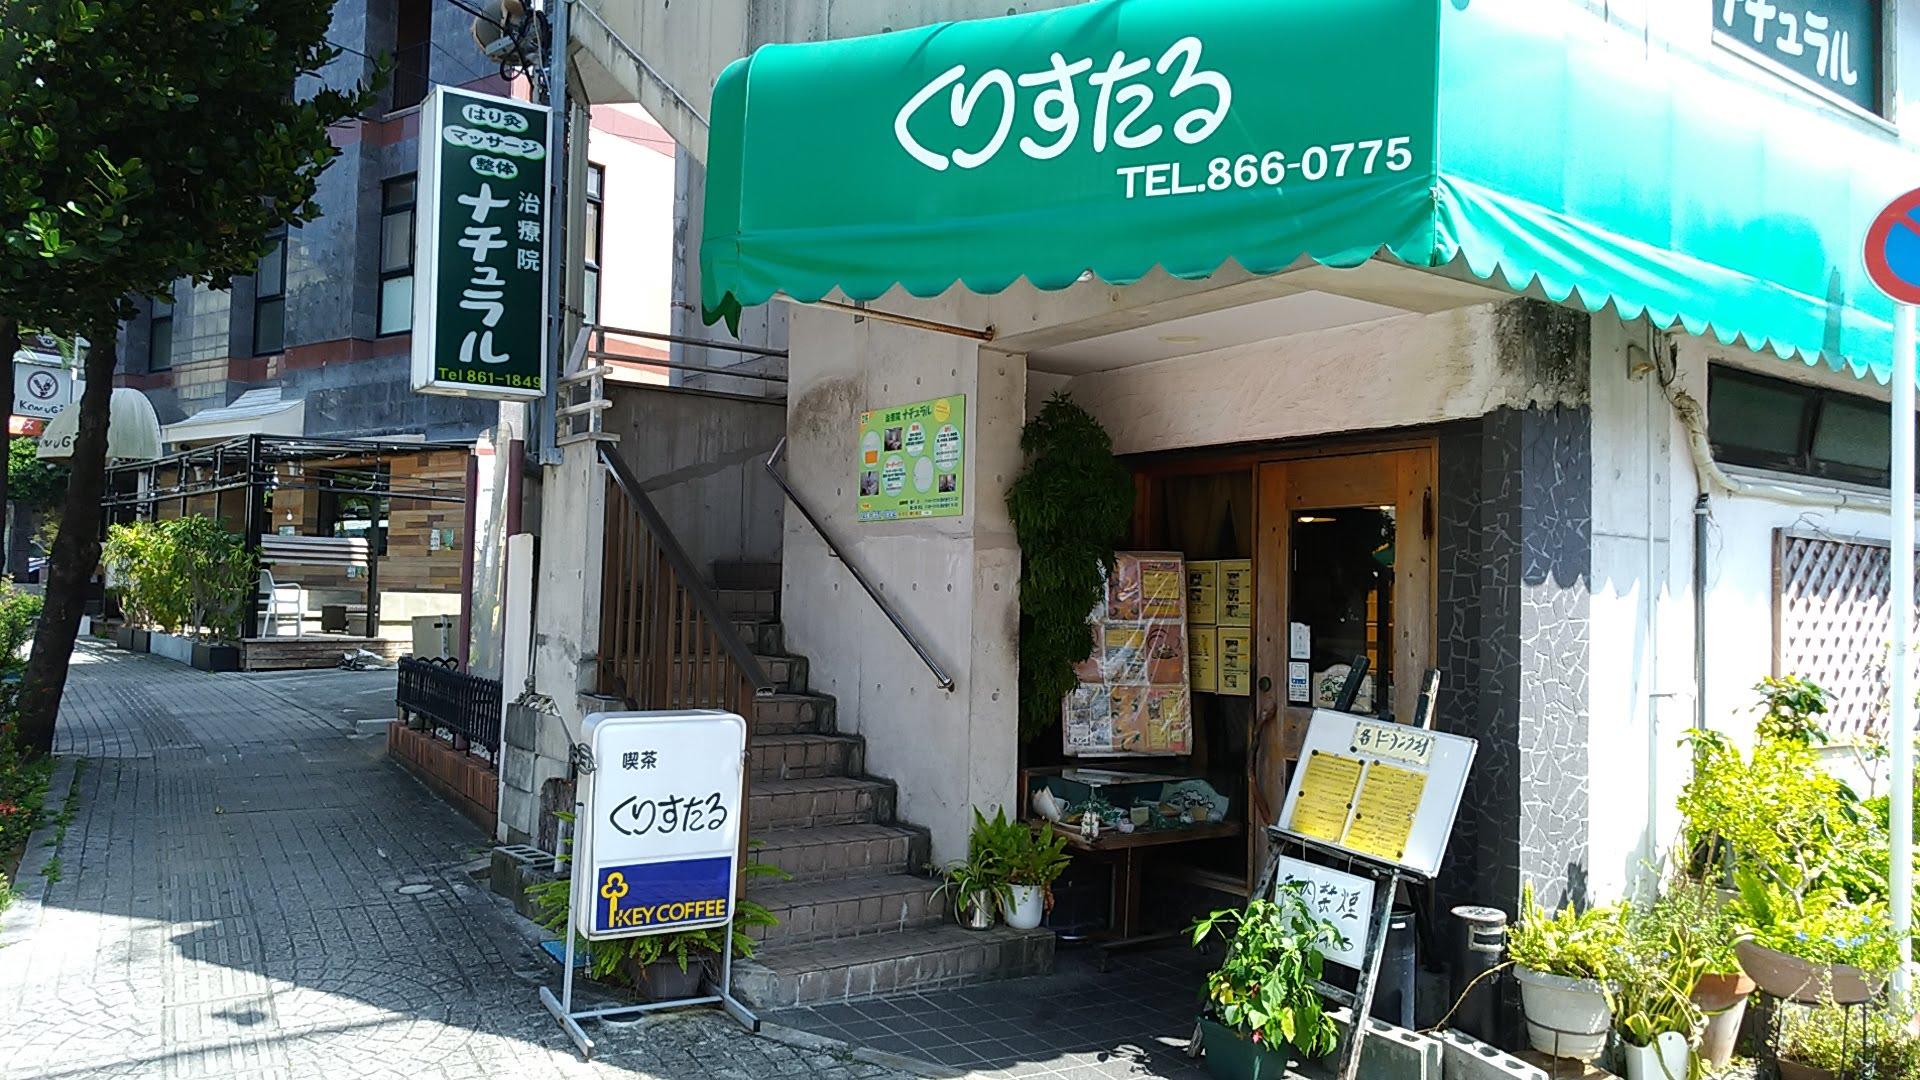 ボリューム満点でおいしいランチメニューが豊富! 那覇市の喫茶クリスタル